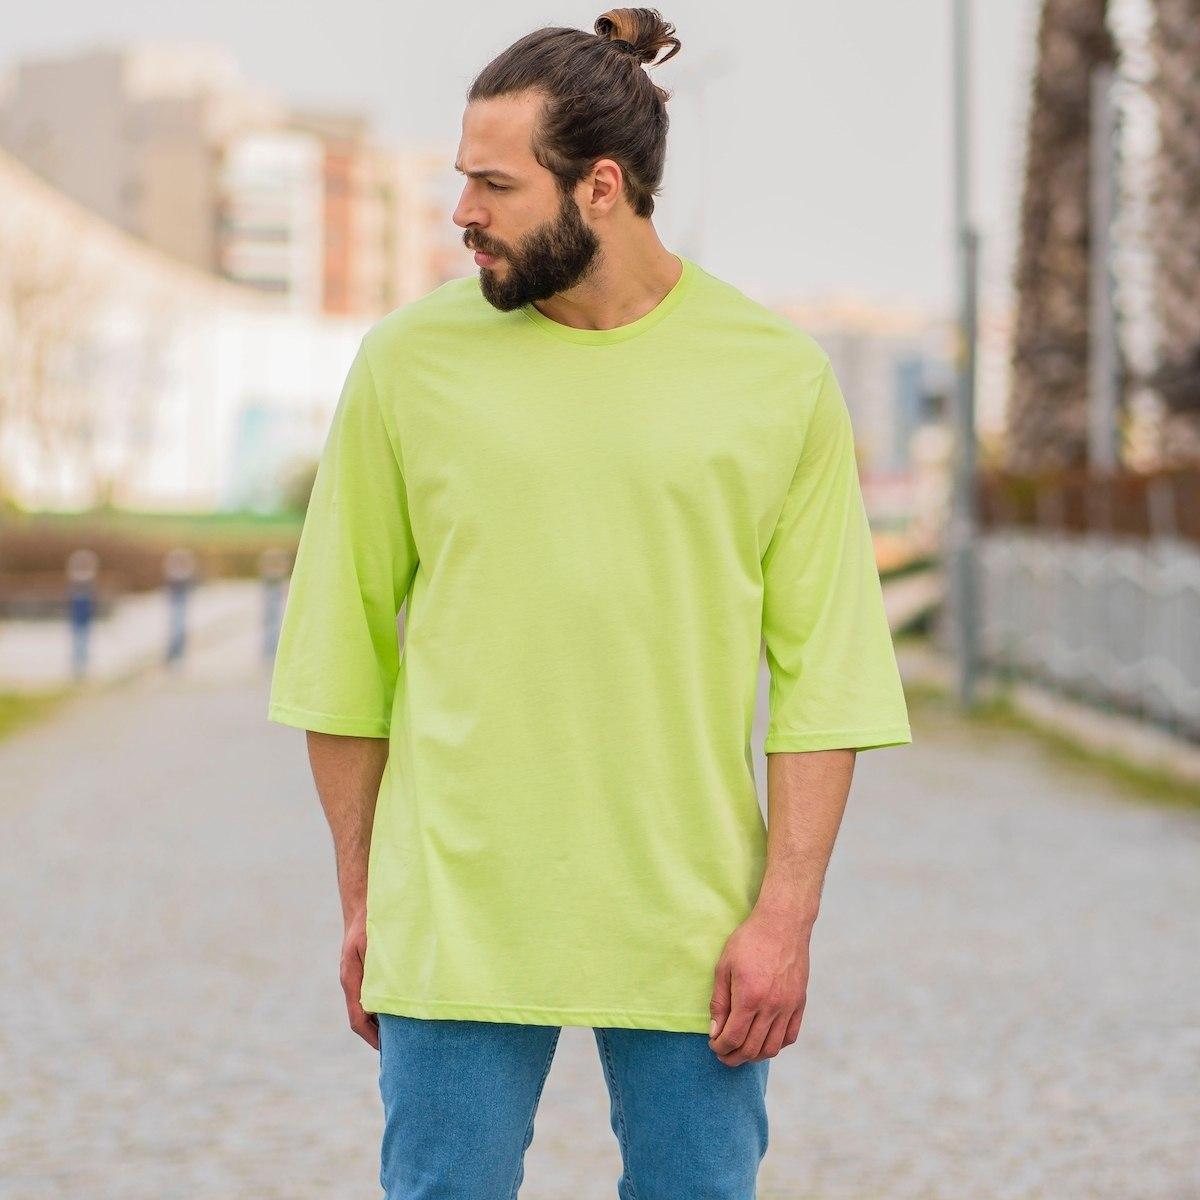 Men's Oversize Basic T-Shirt In Neon Green